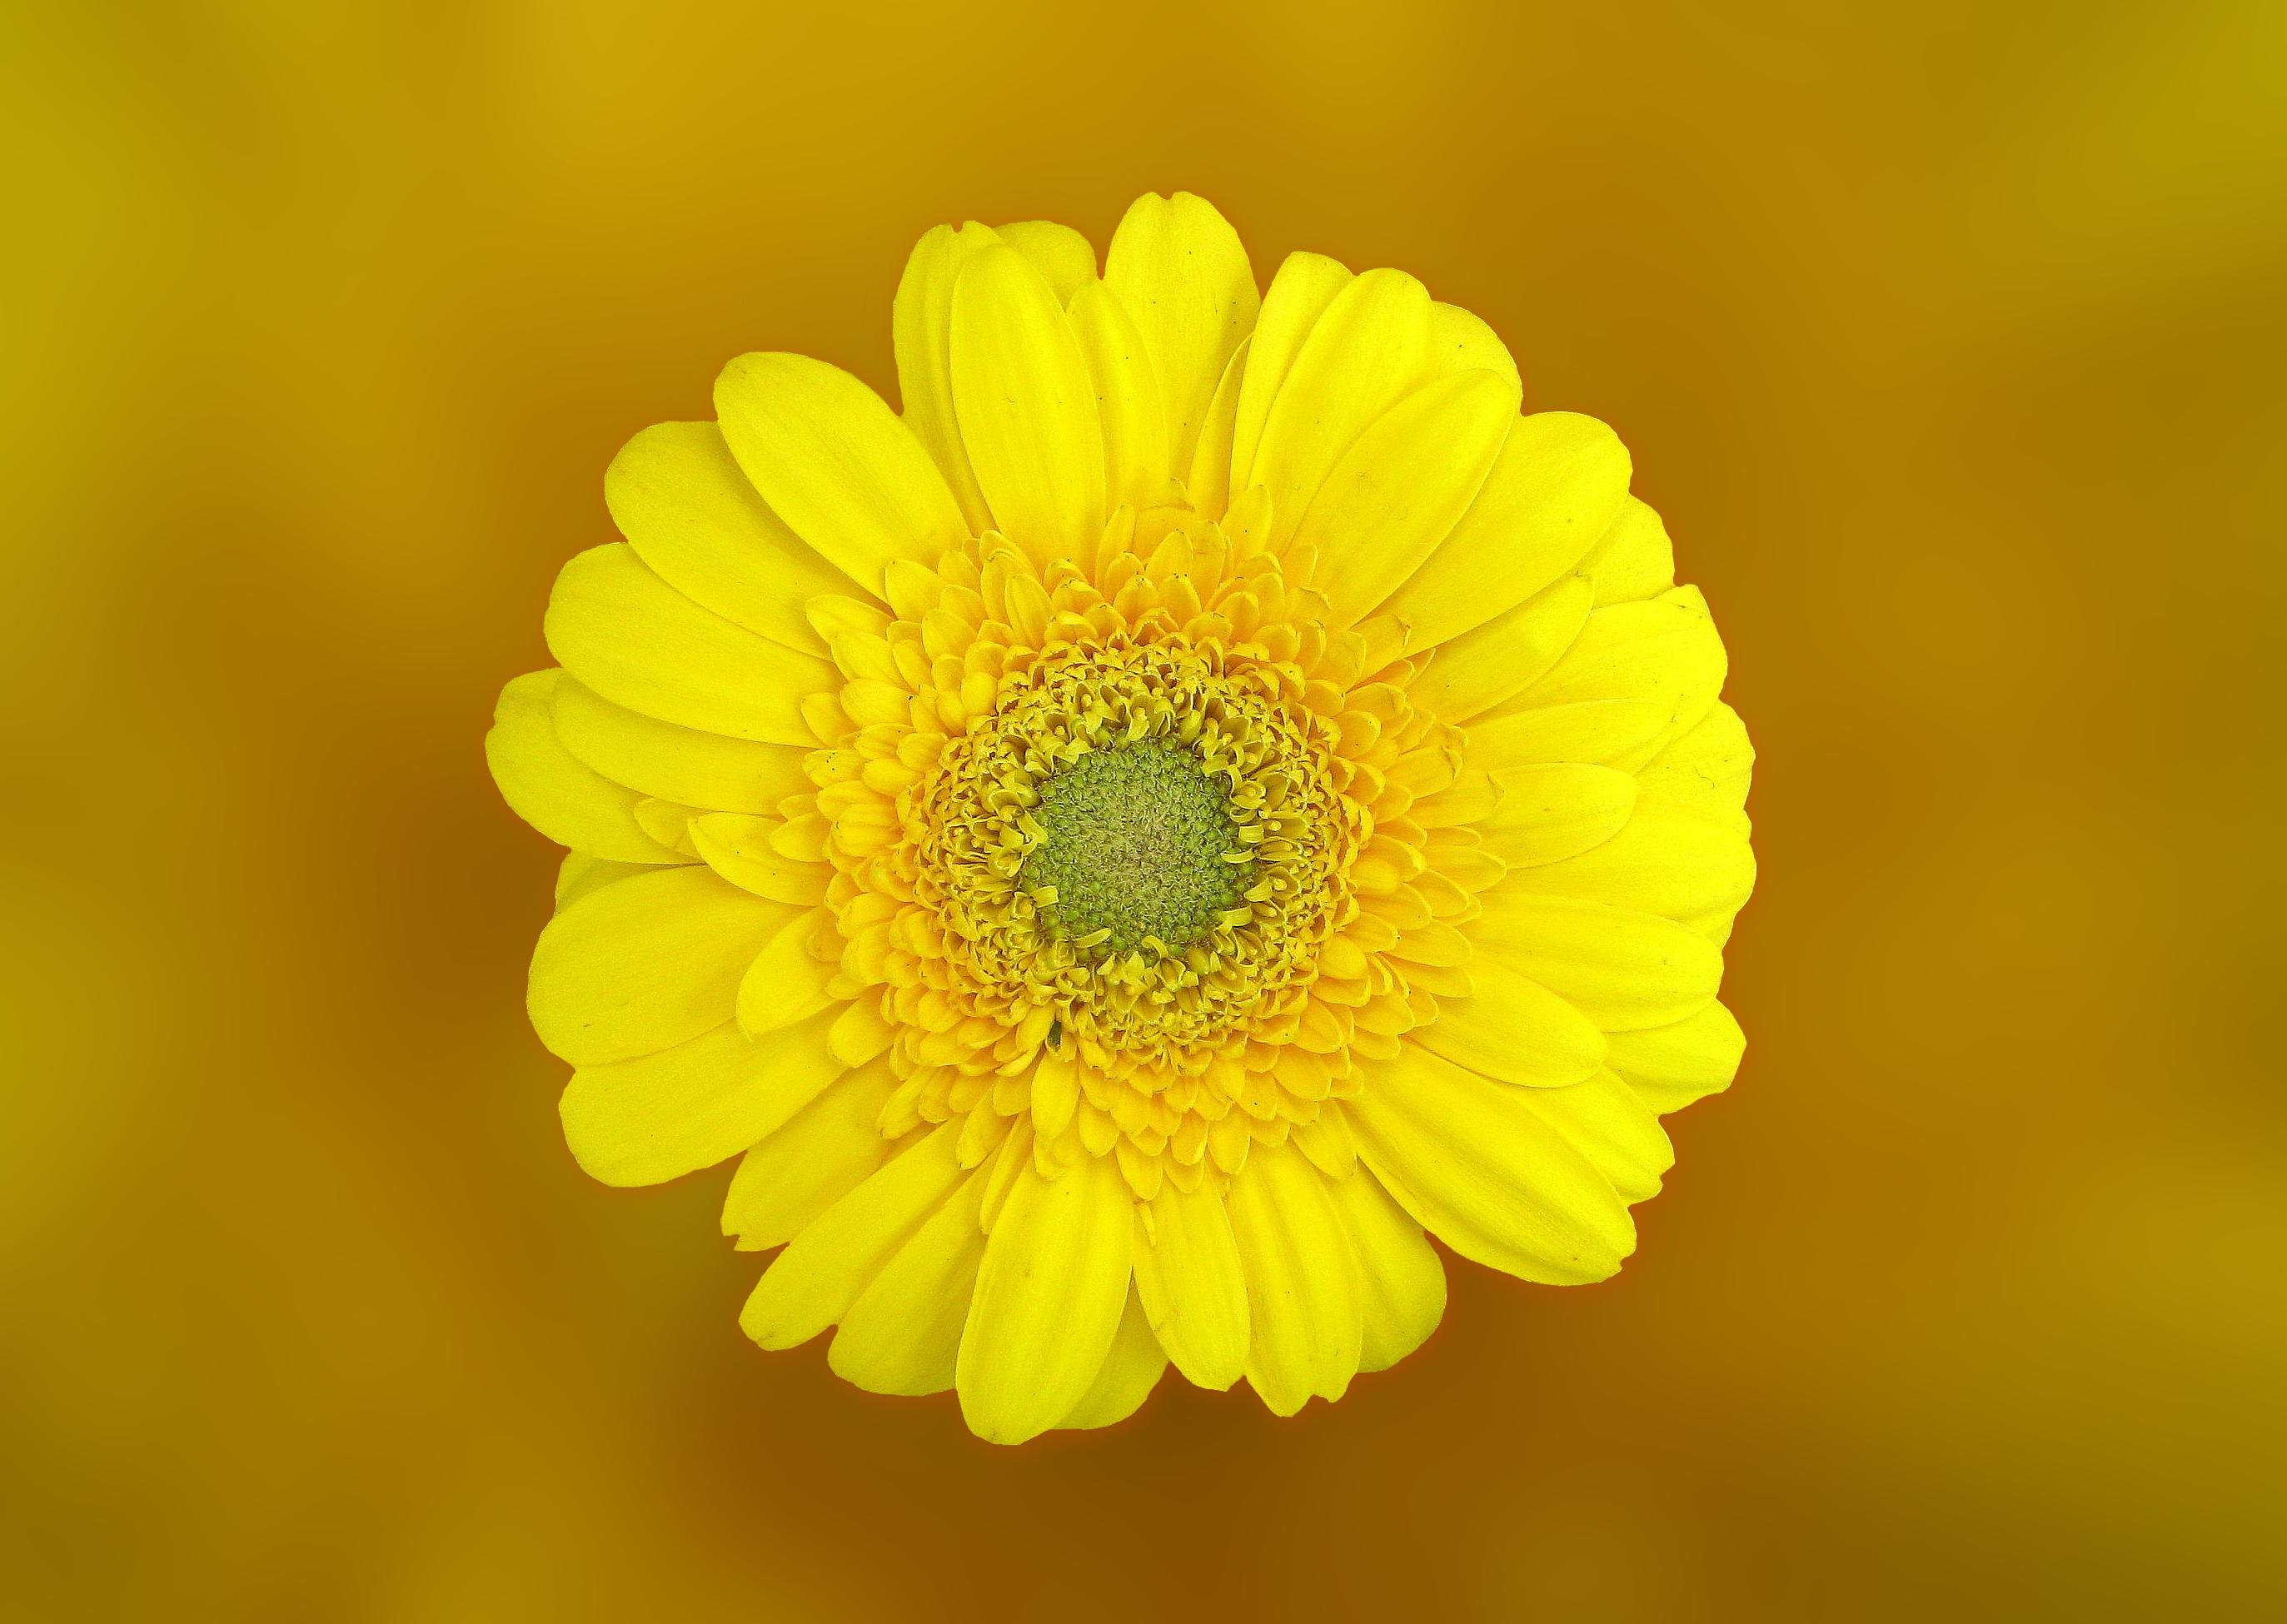 yellow daisy in macro shot · free stock photo, Beautiful flower